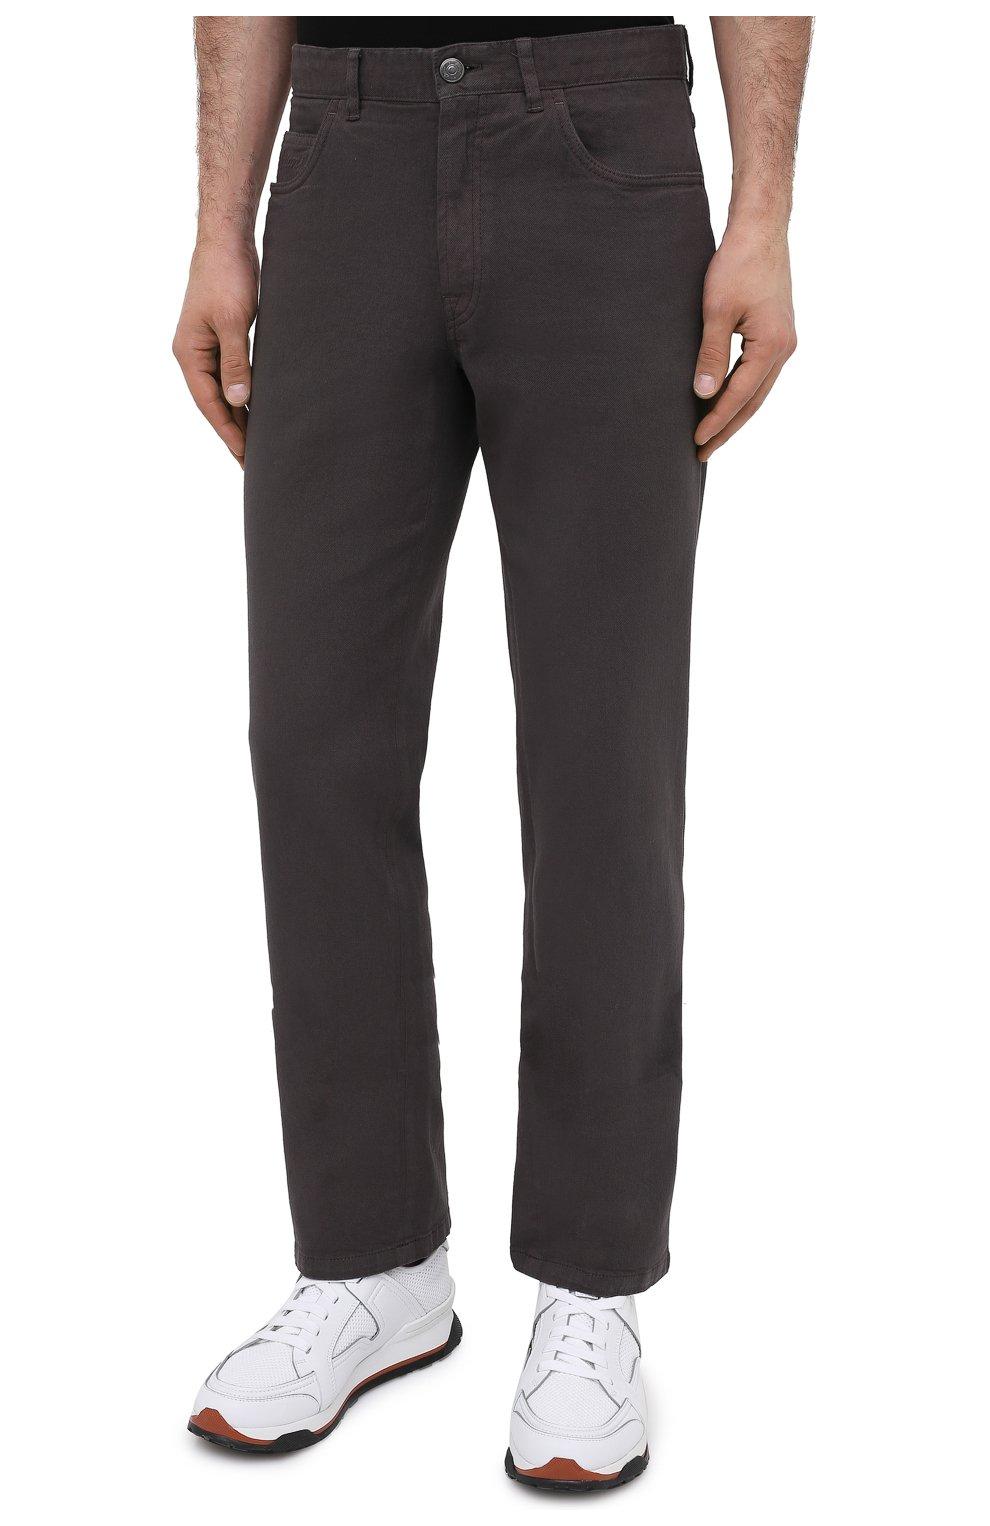 Мужские джинсы BRIONI коричневого цвета, арт. SPNJ0M/08T01/STELVI0 | Фото 4